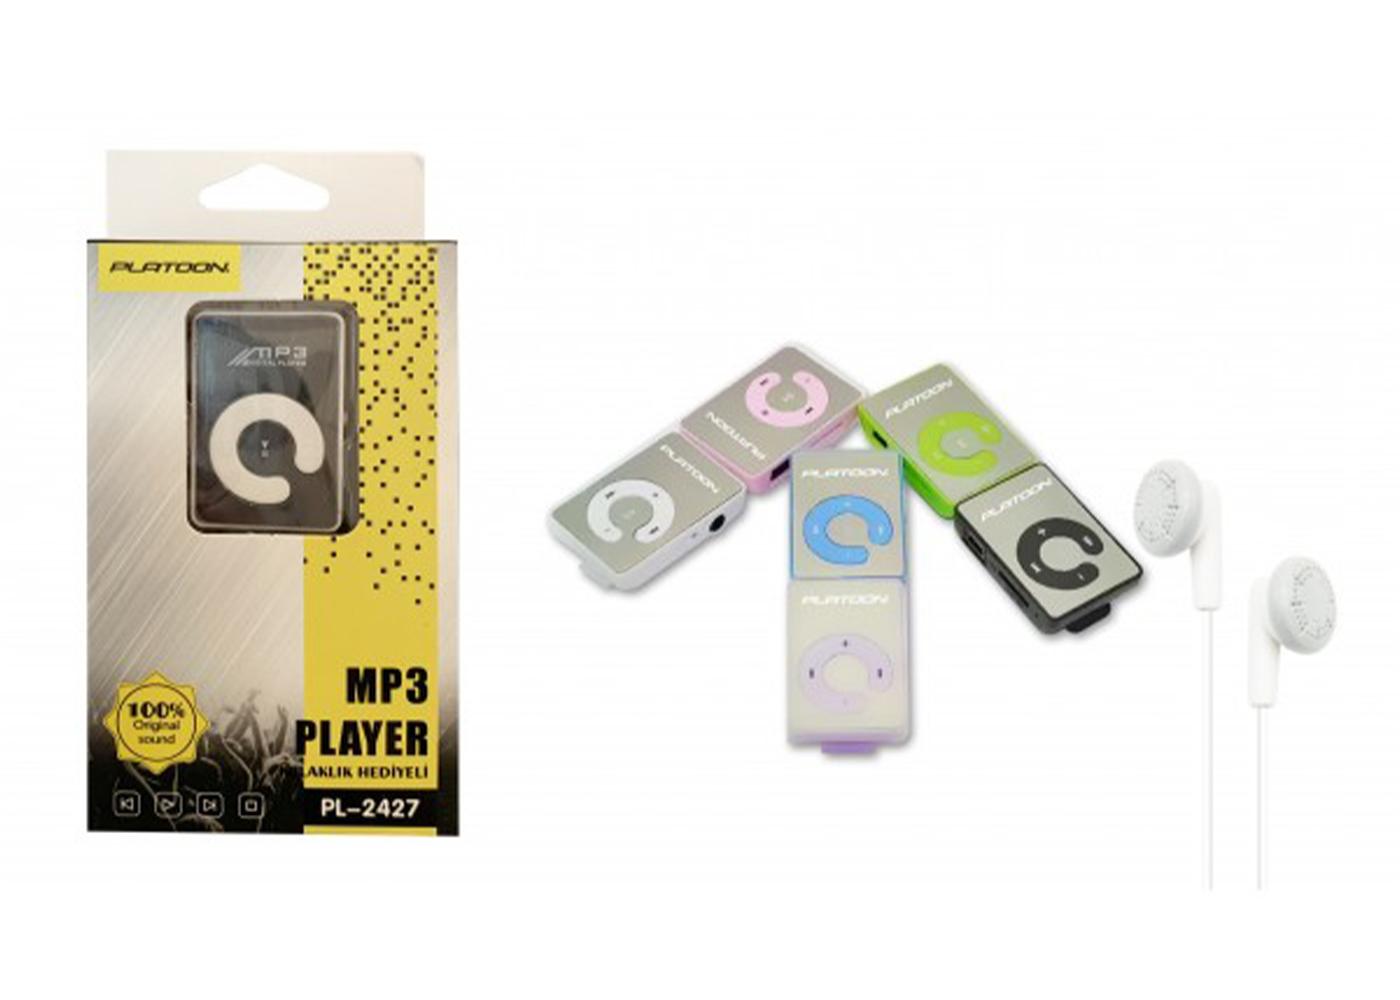 Platoon PL-2427 MP3 Çalar